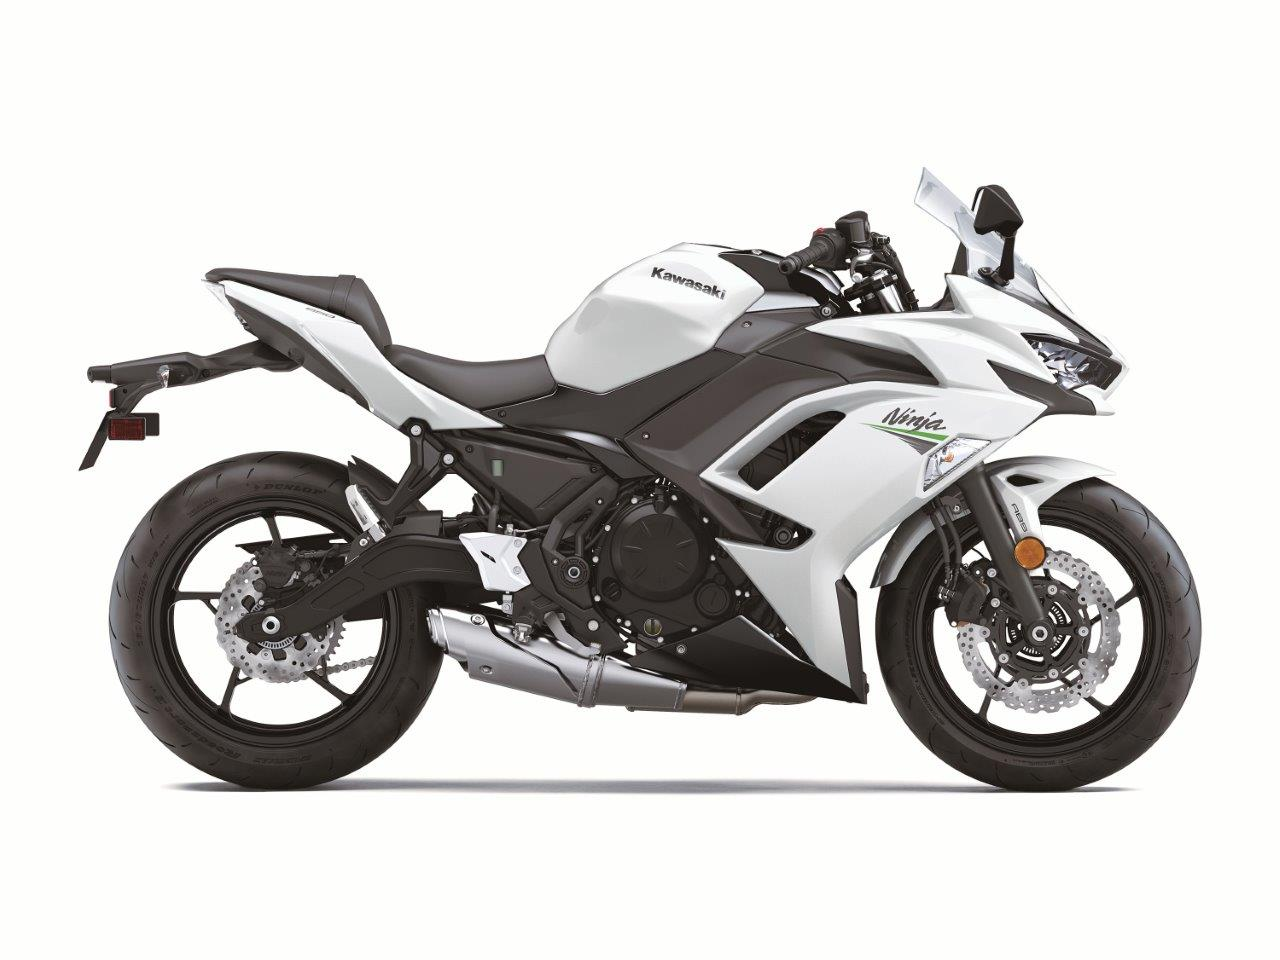 2020 Kawasaki Ninja 650 Krt Specs Info Wbw